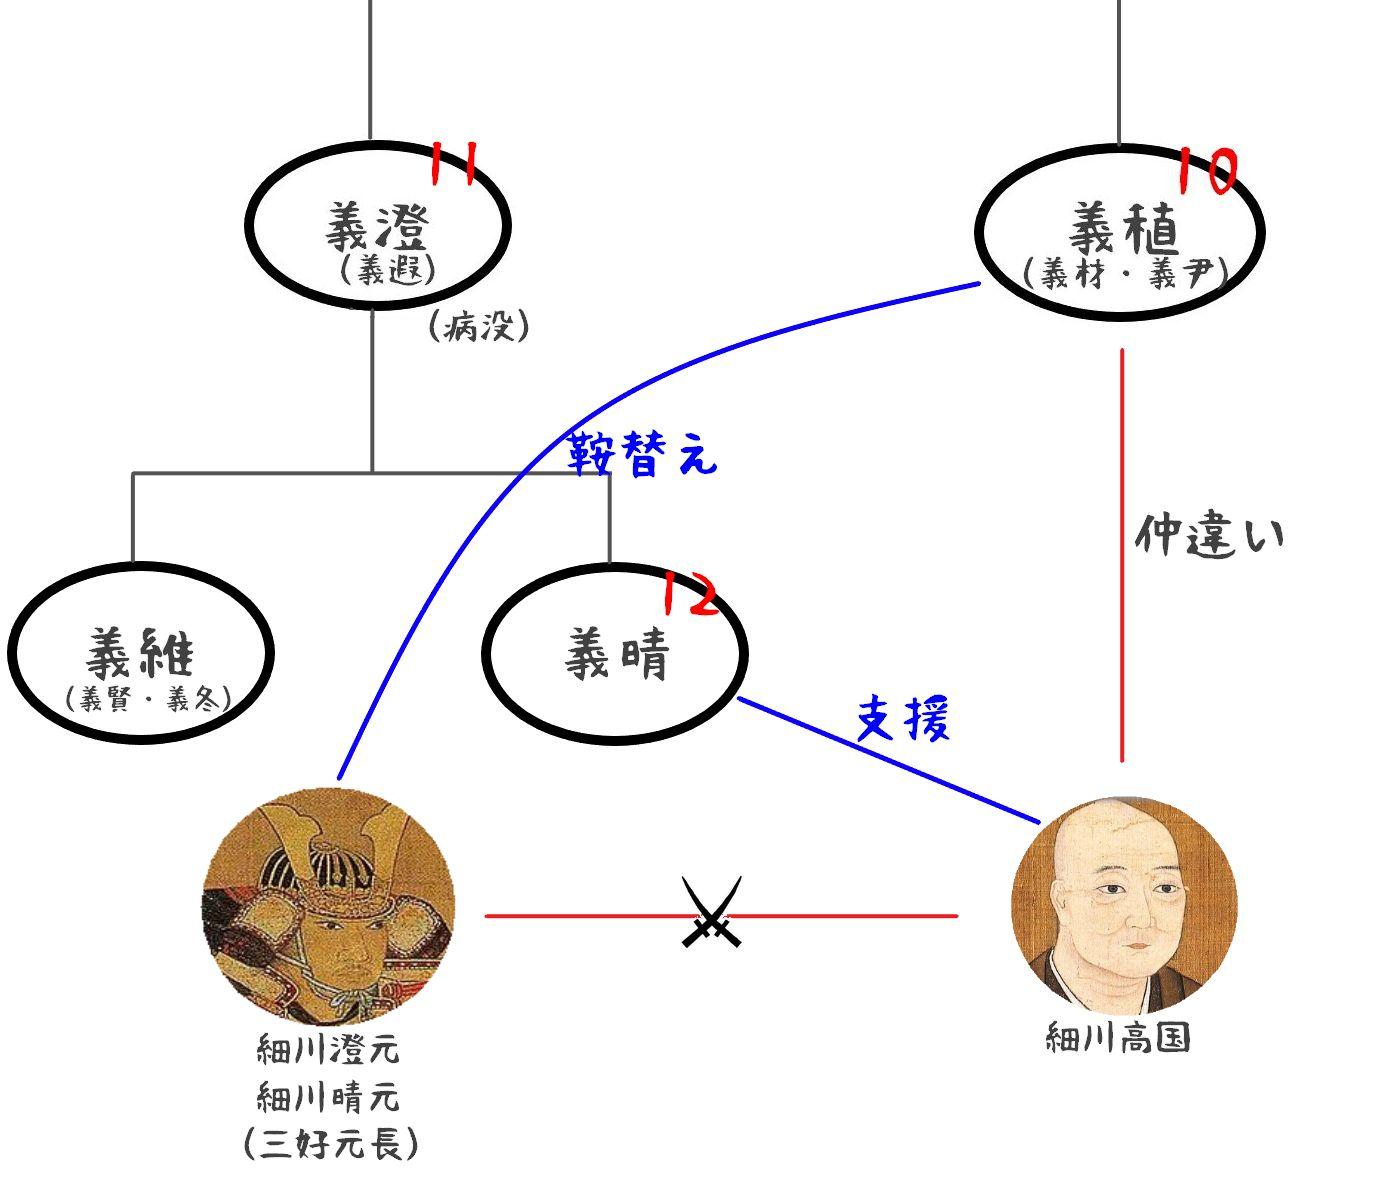 足利将軍家家系図04